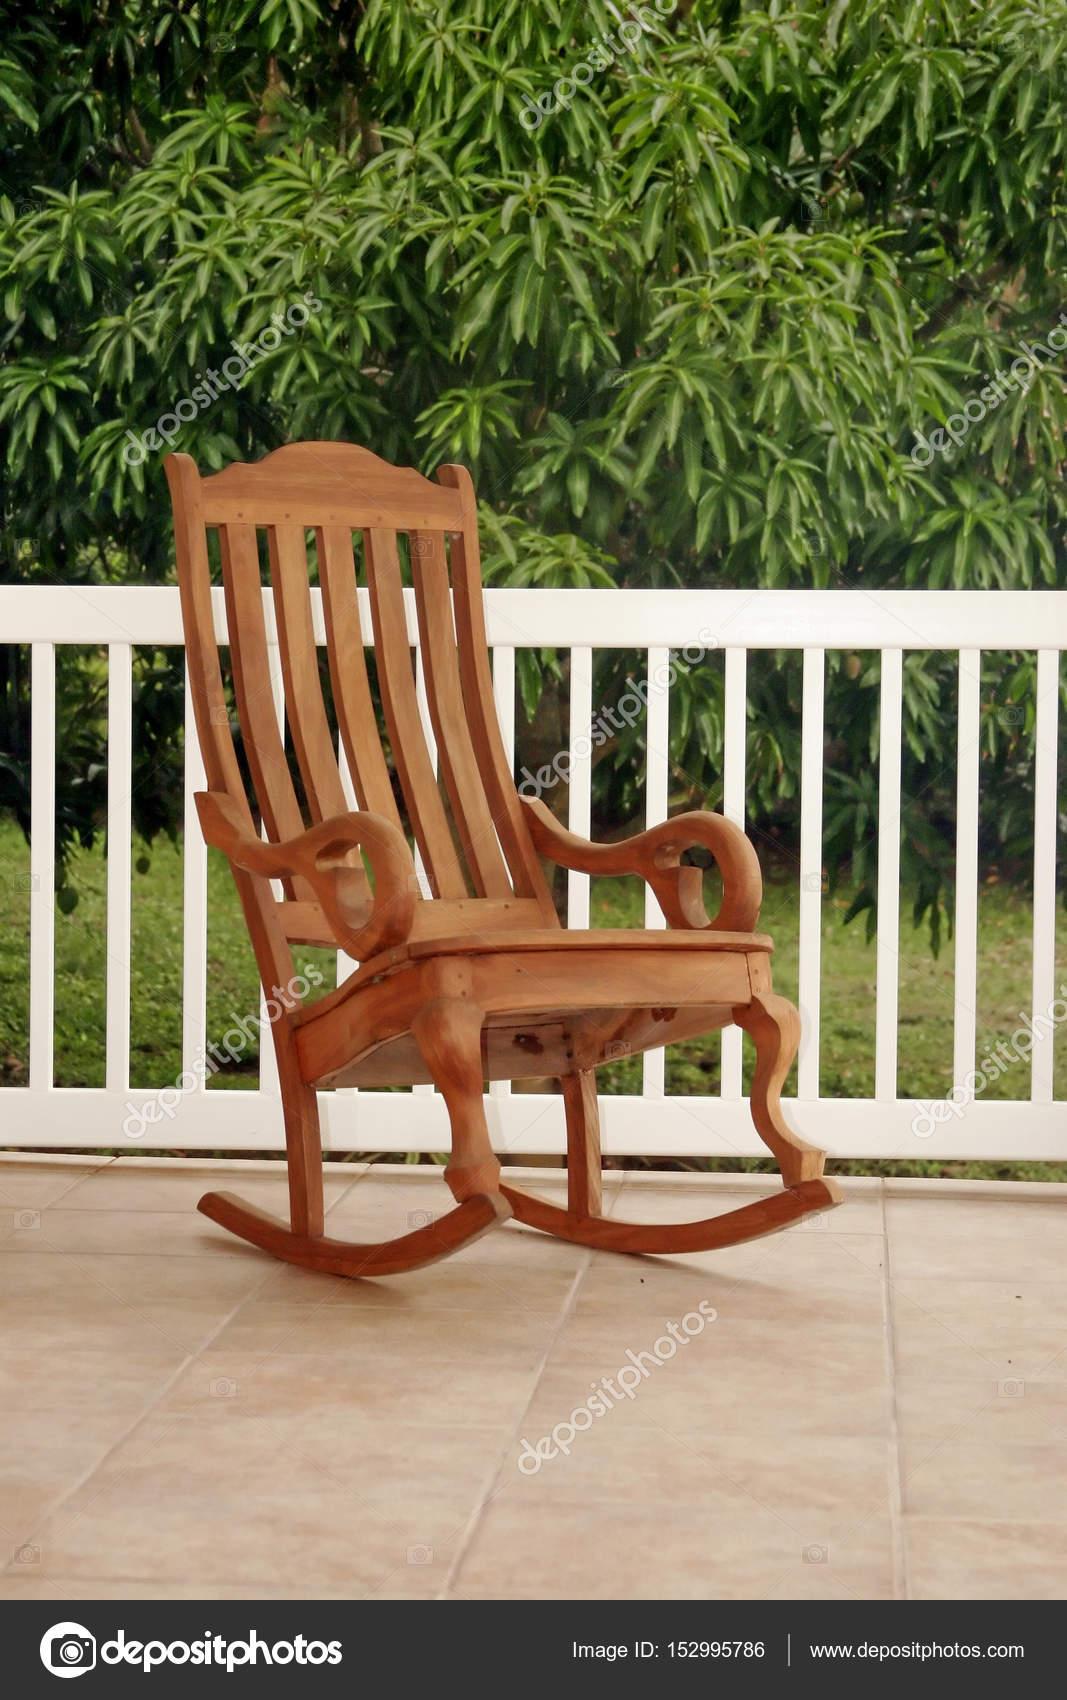 Sedia a dondolo in legno sul portico foto stock jjsallee 152995786 - Sedia a dondolo prezzi ...